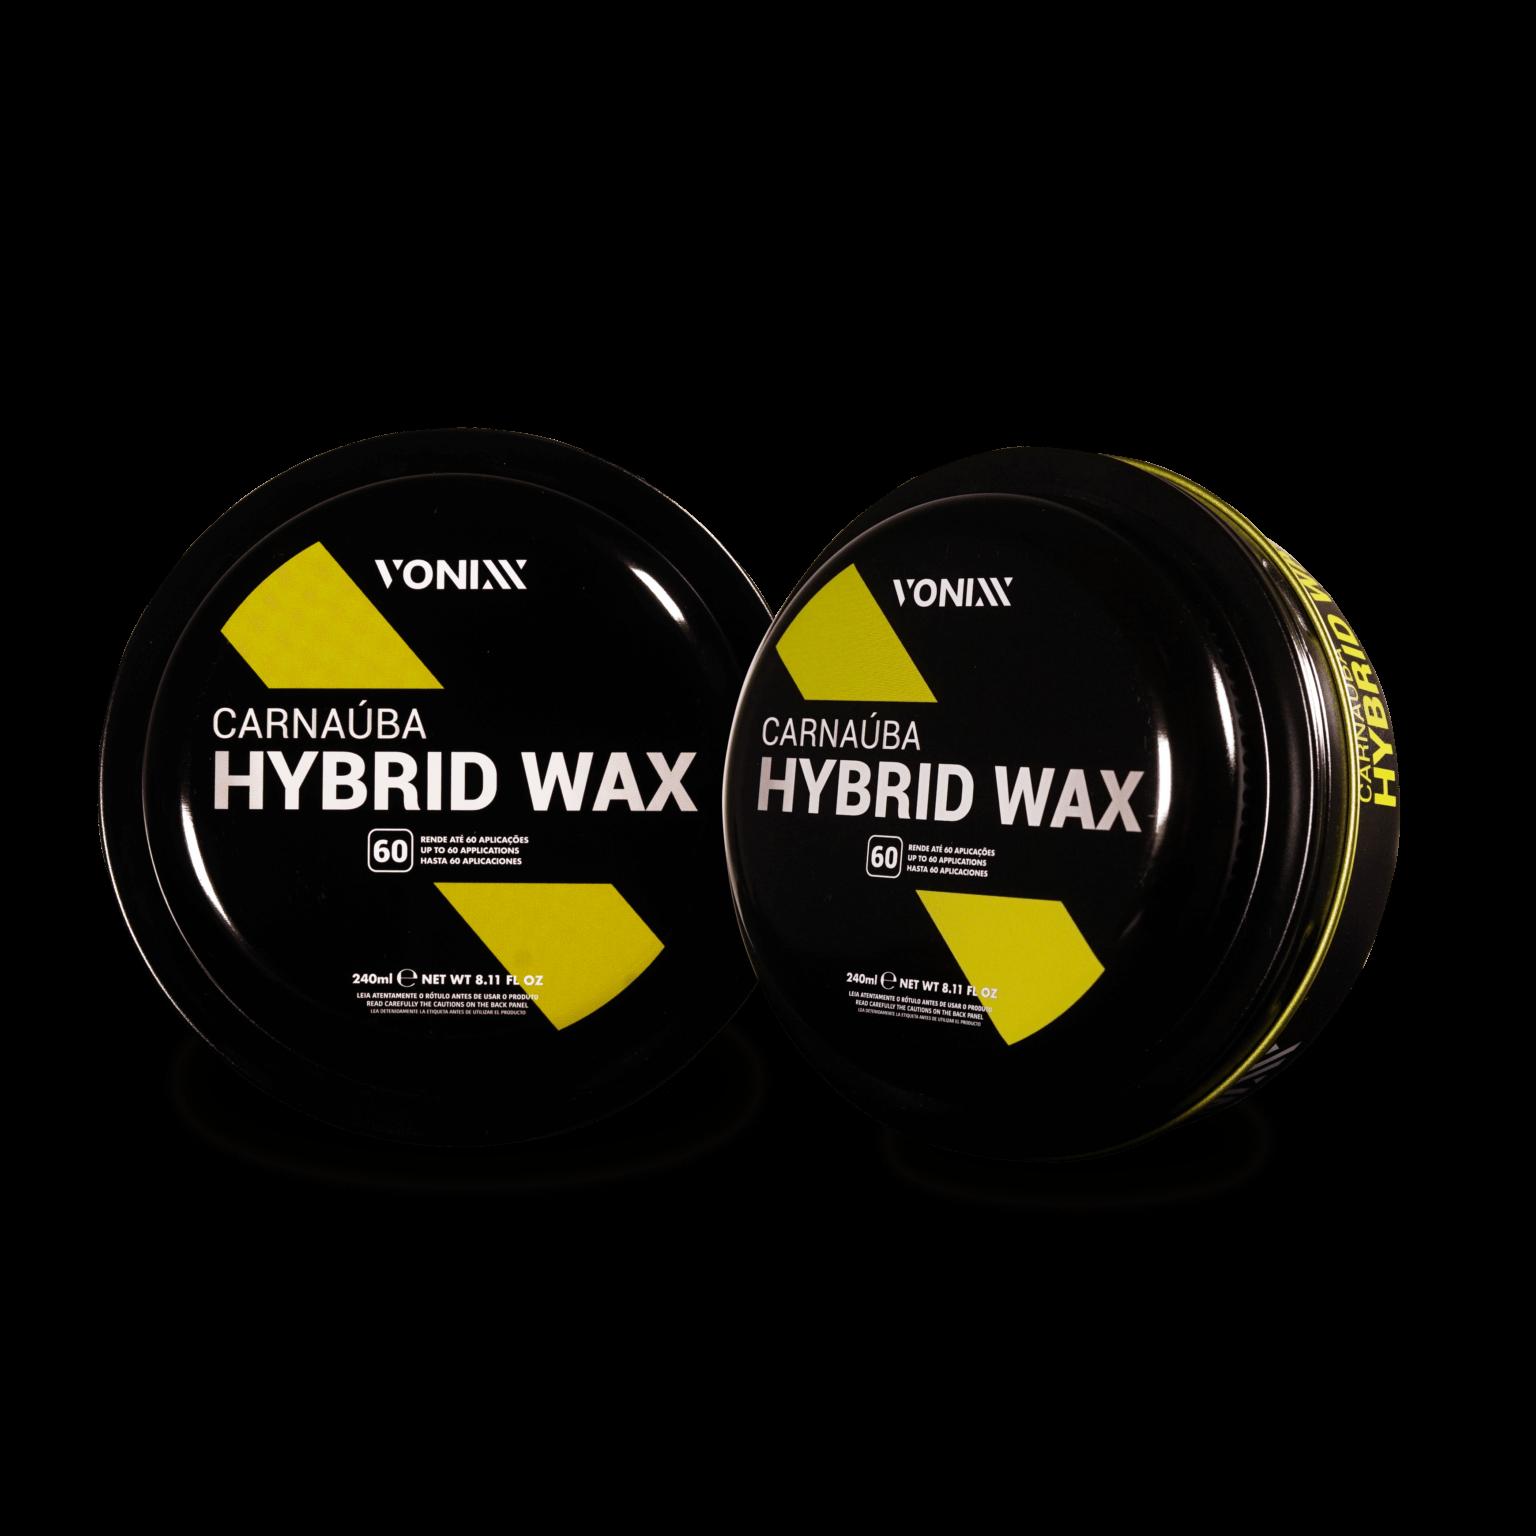 Cera de Proteção Carnauba Hybrid Wax 240ml Vonixx